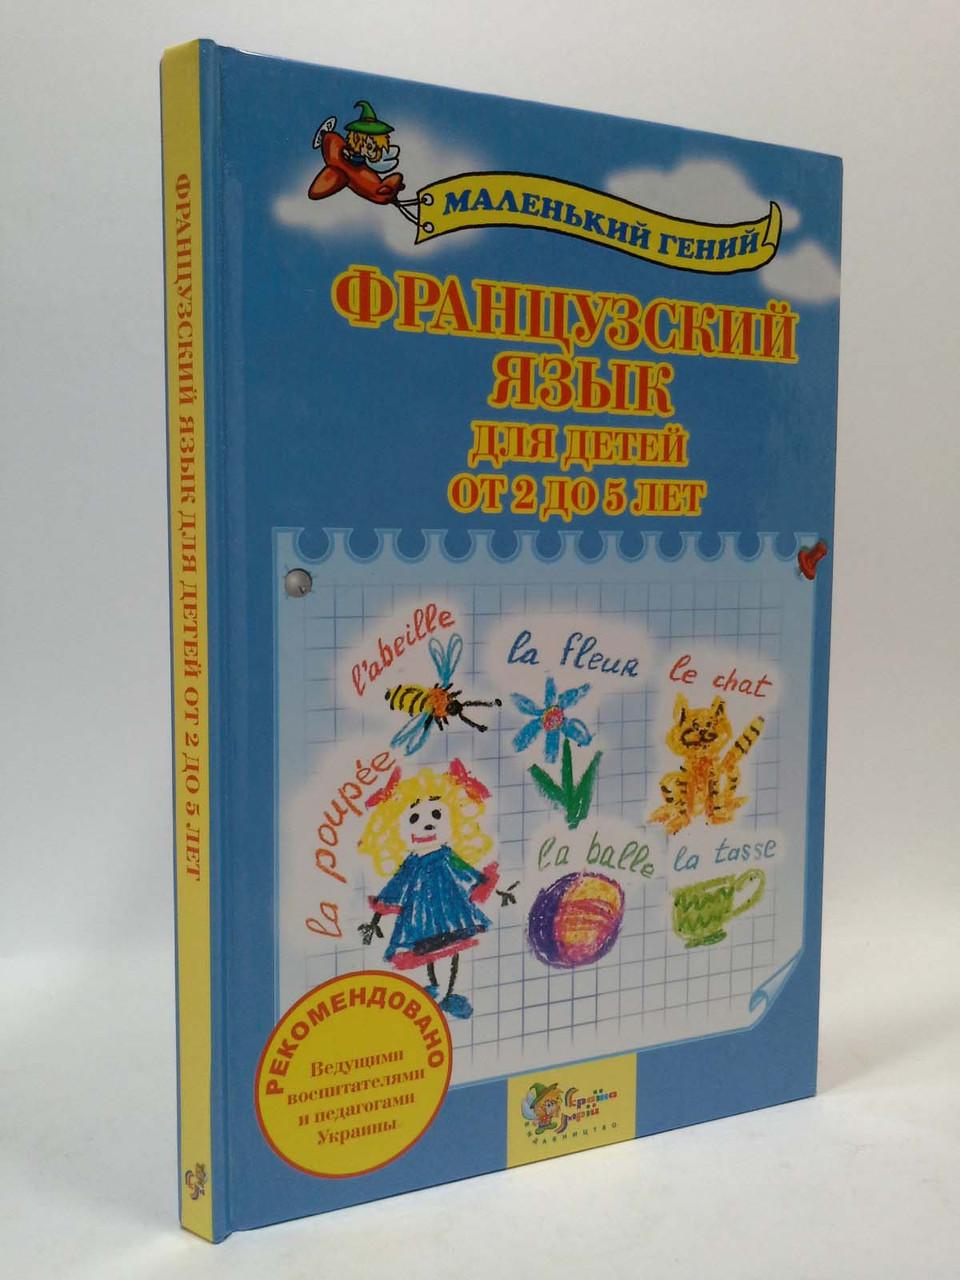 Країна мрій Маленький гений Французский язык для детей от 2 до 5 лет - Буквоїд, книжковий магазин в Белой Церкви